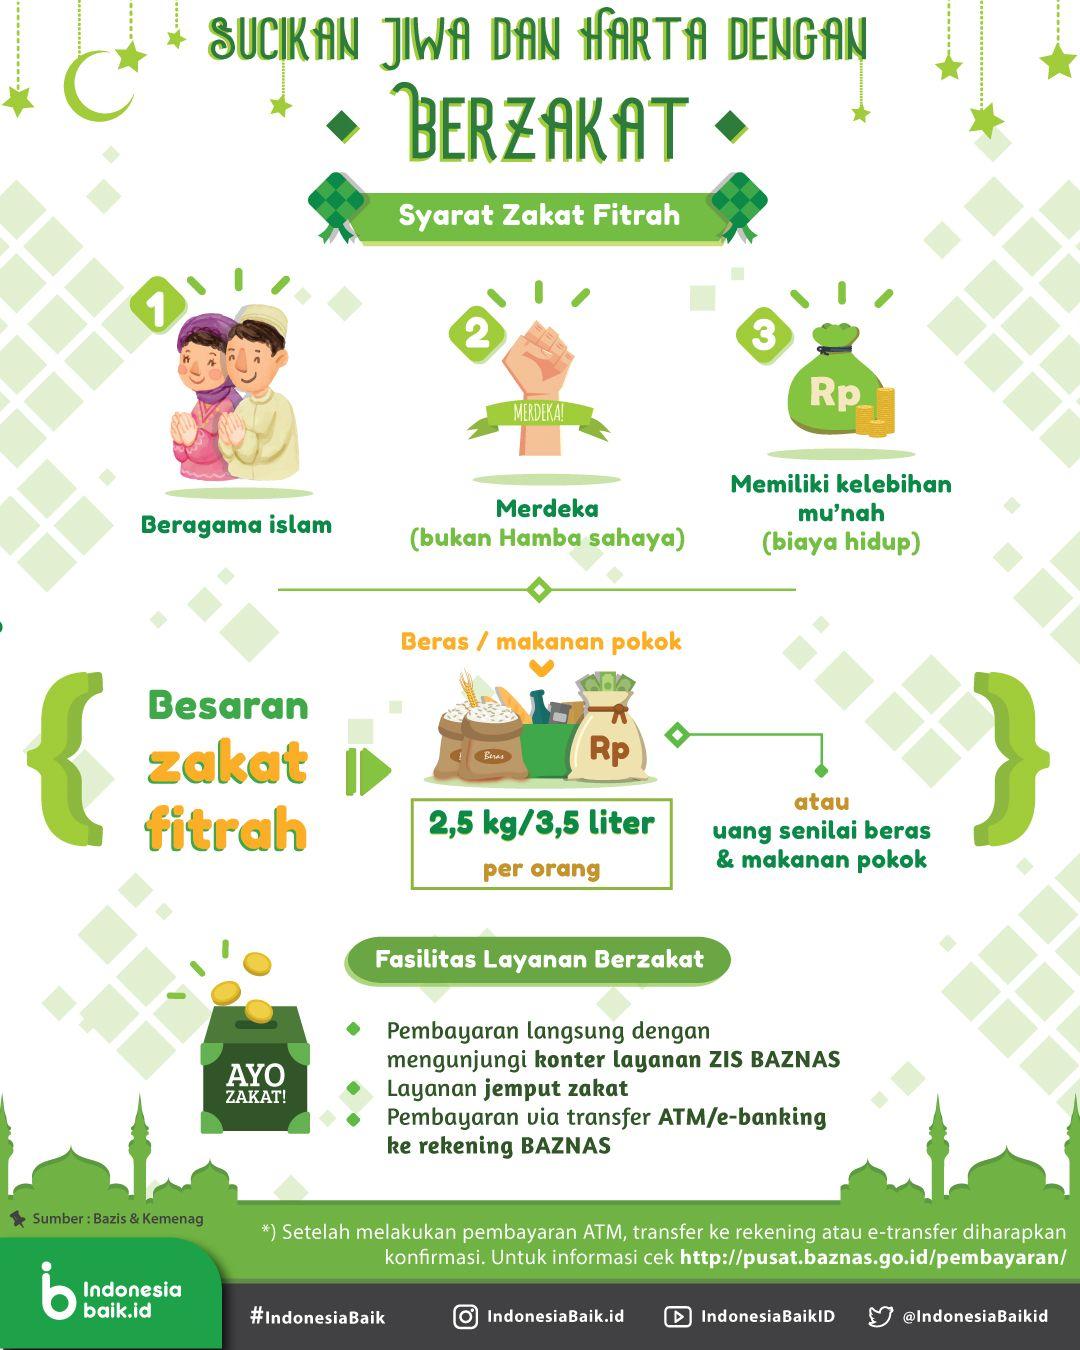 Sucikan Jiwa Dan Harta Dengan Berzakat Indonesia Baik Infografis Agama Pengetahuan